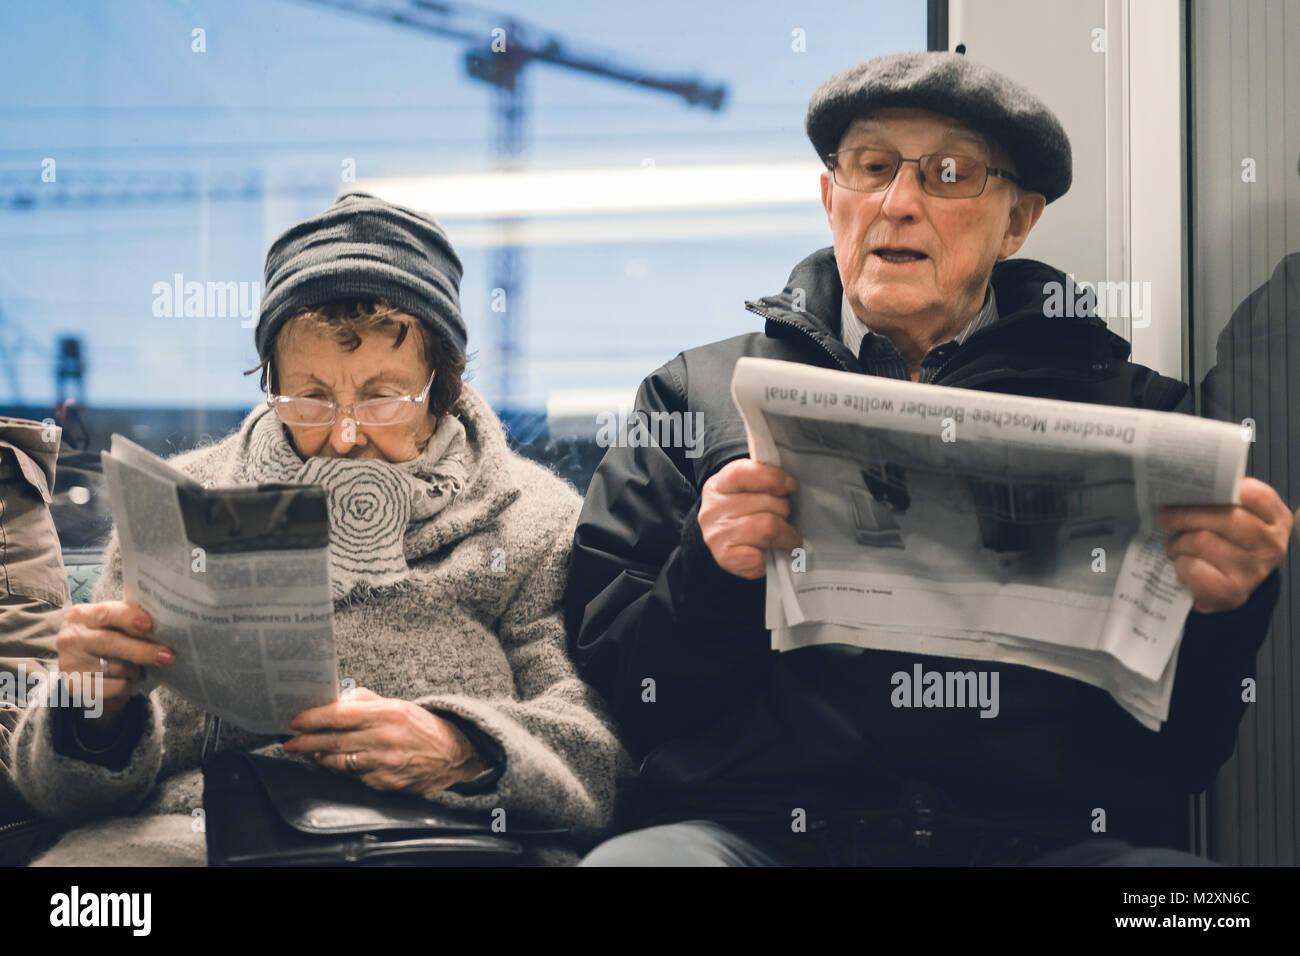 Pareja de ancianos leyendo el periódico en el S-Bahn de Berlín. Imagen De Stock